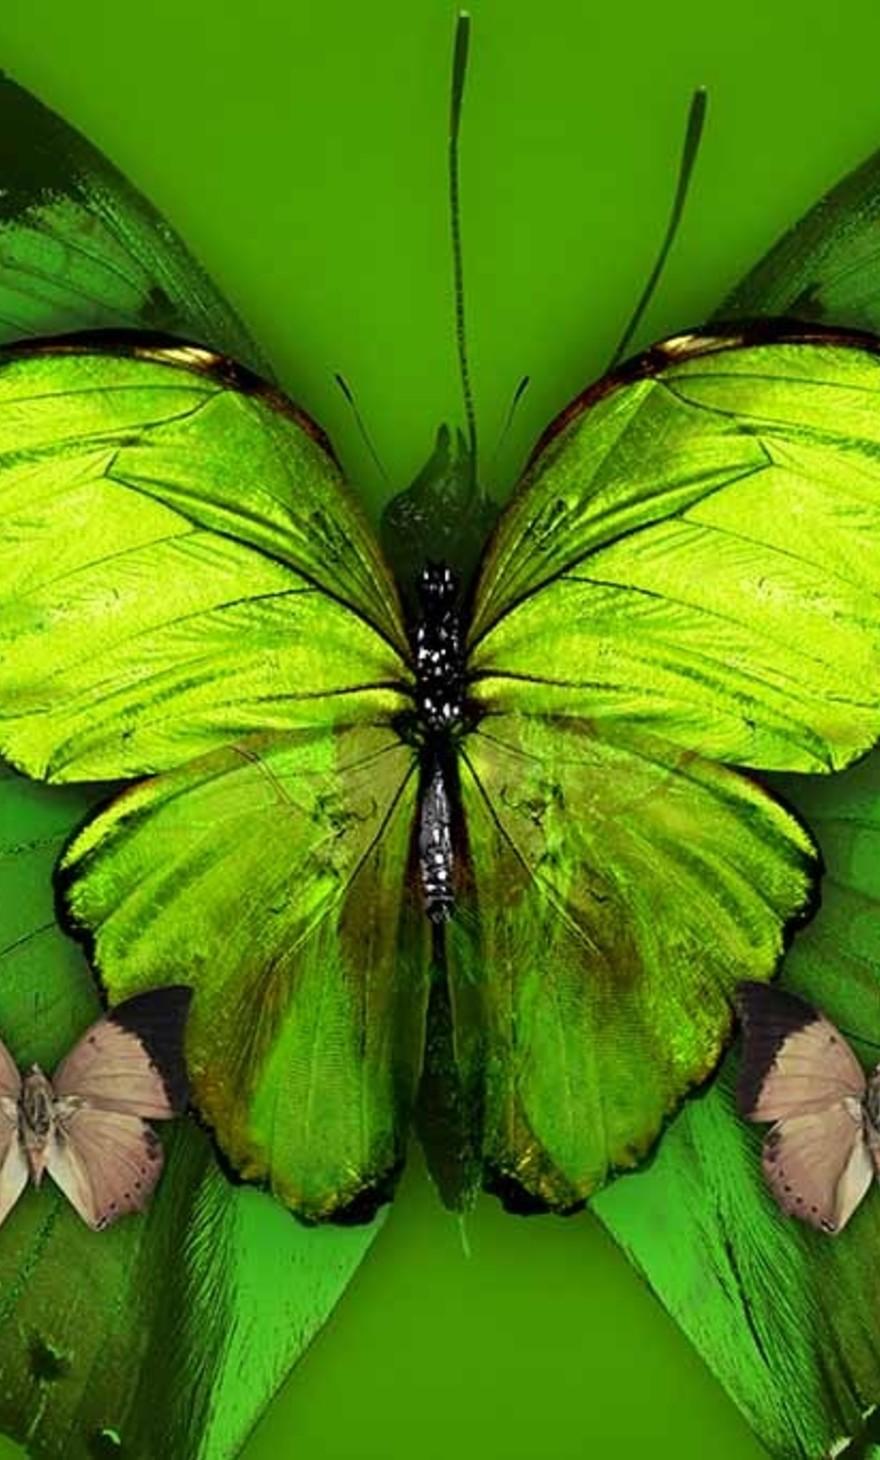 Butterflies special